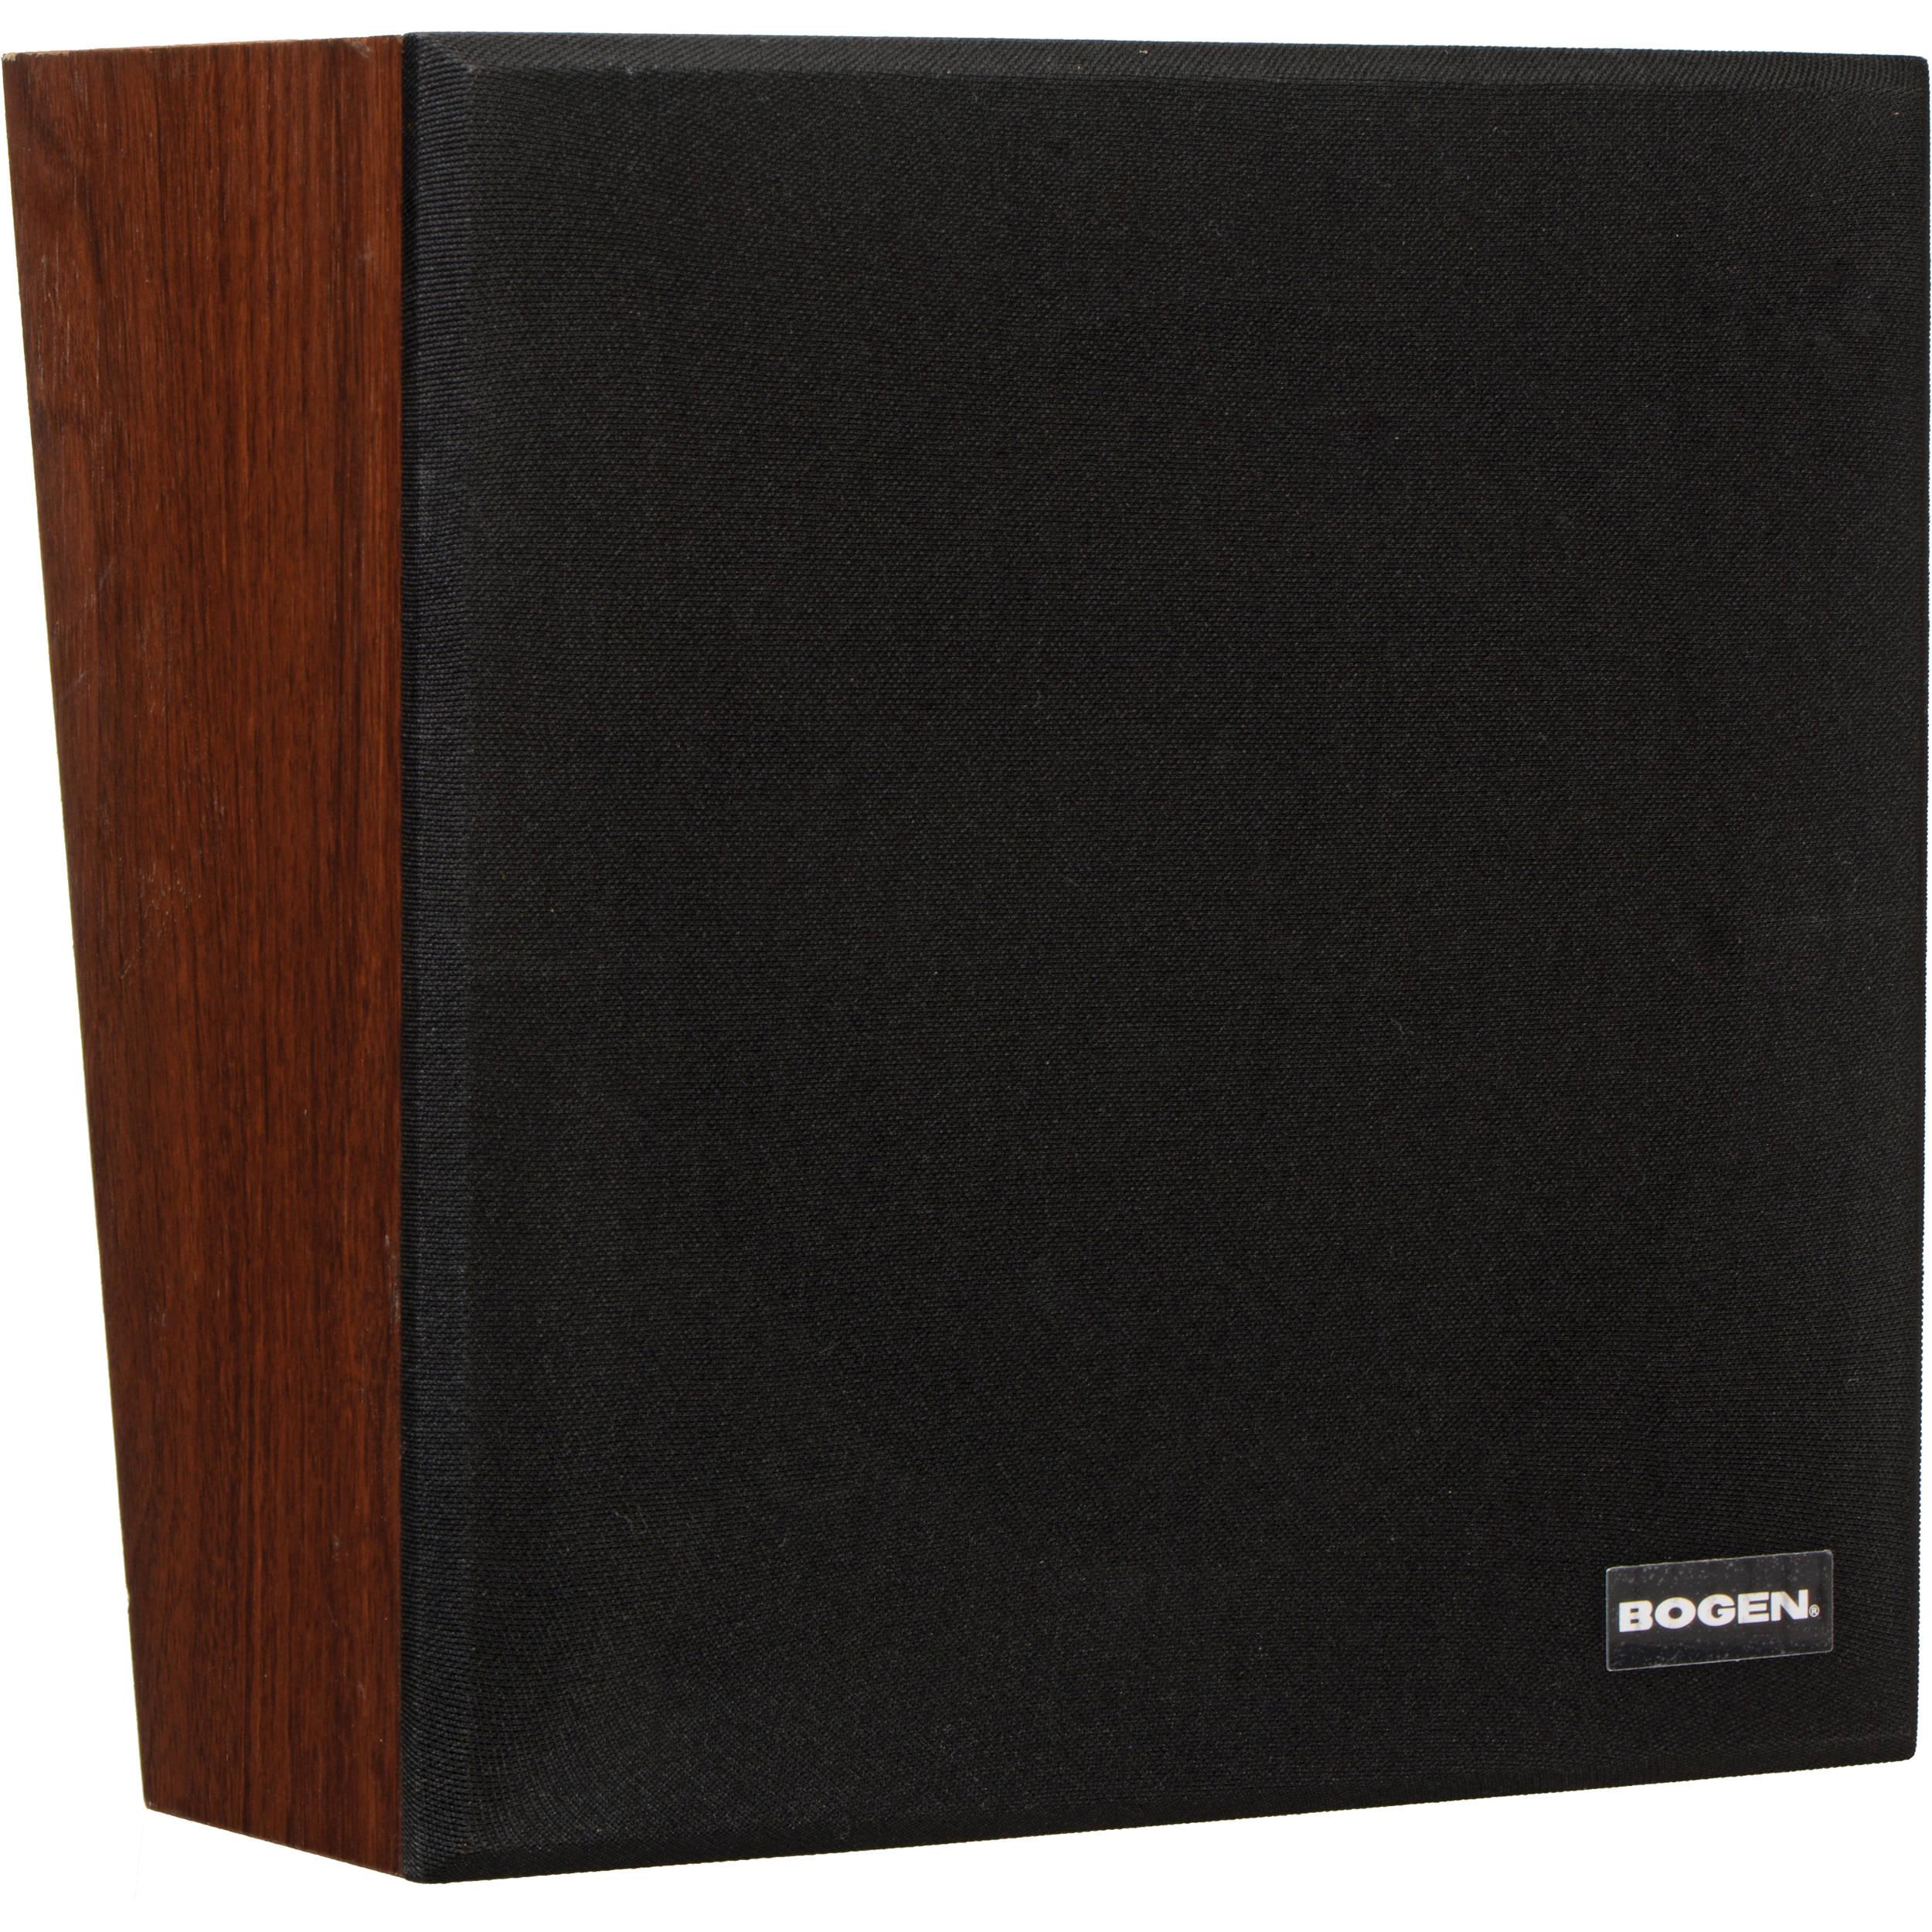 bogen communications wbs8t725v 8 4w wbs8t725v b h. Black Bedroom Furniture Sets. Home Design Ideas